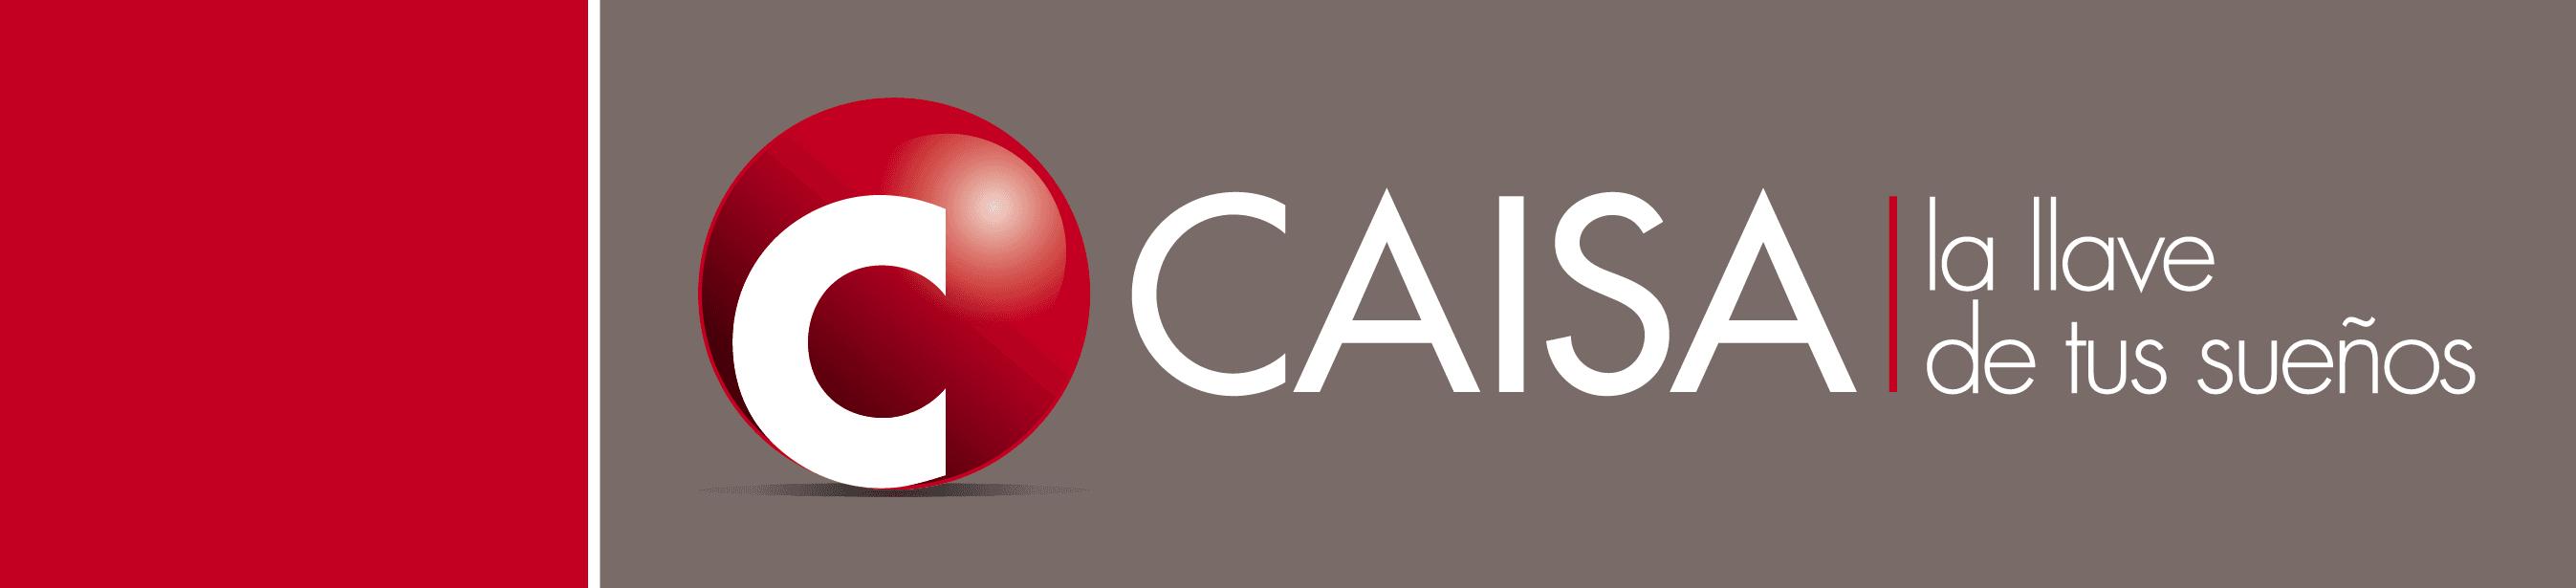 Logo de  Corporacionarquitectonicayde